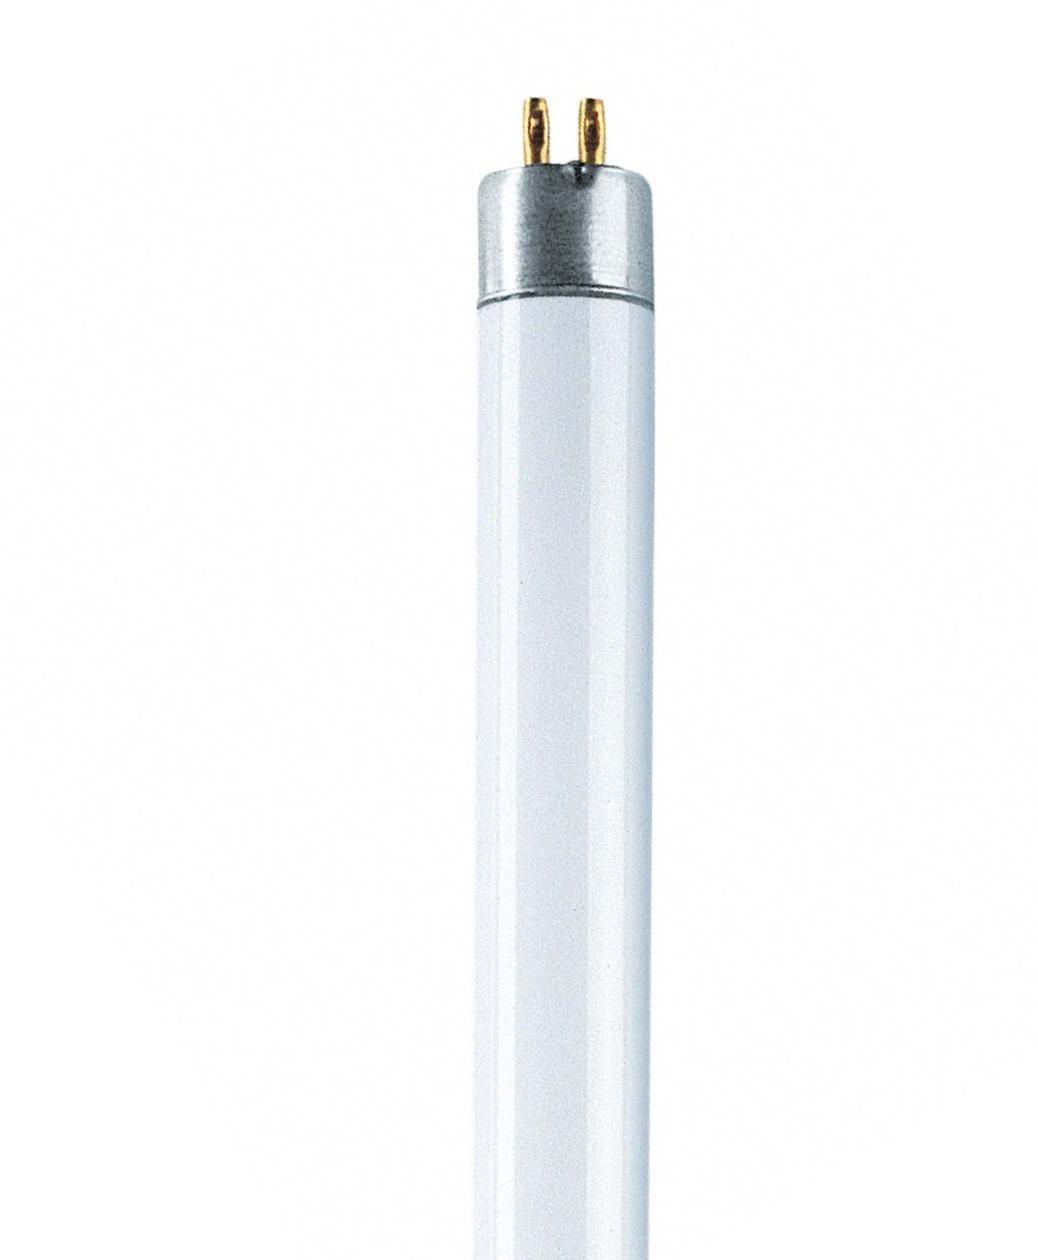 1 Stk TL5 HO 49W/830 G5 Leuchtstoffröhre Warmweiß LI82954755